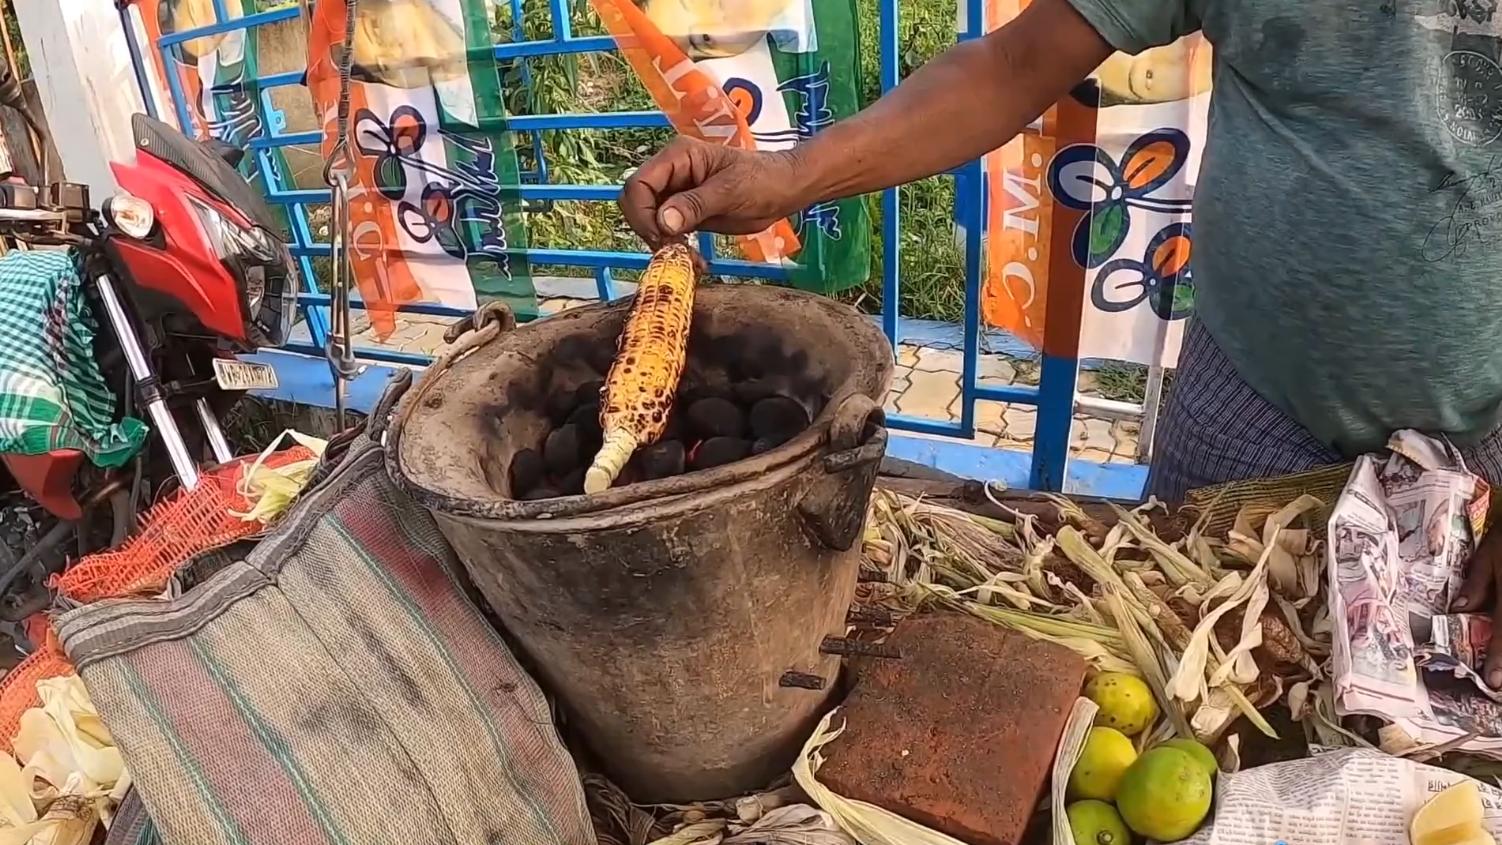 印度街头特色烤玉米,木炭烤到焦黑抹上柠檬,这东西真敢下嘴吗?